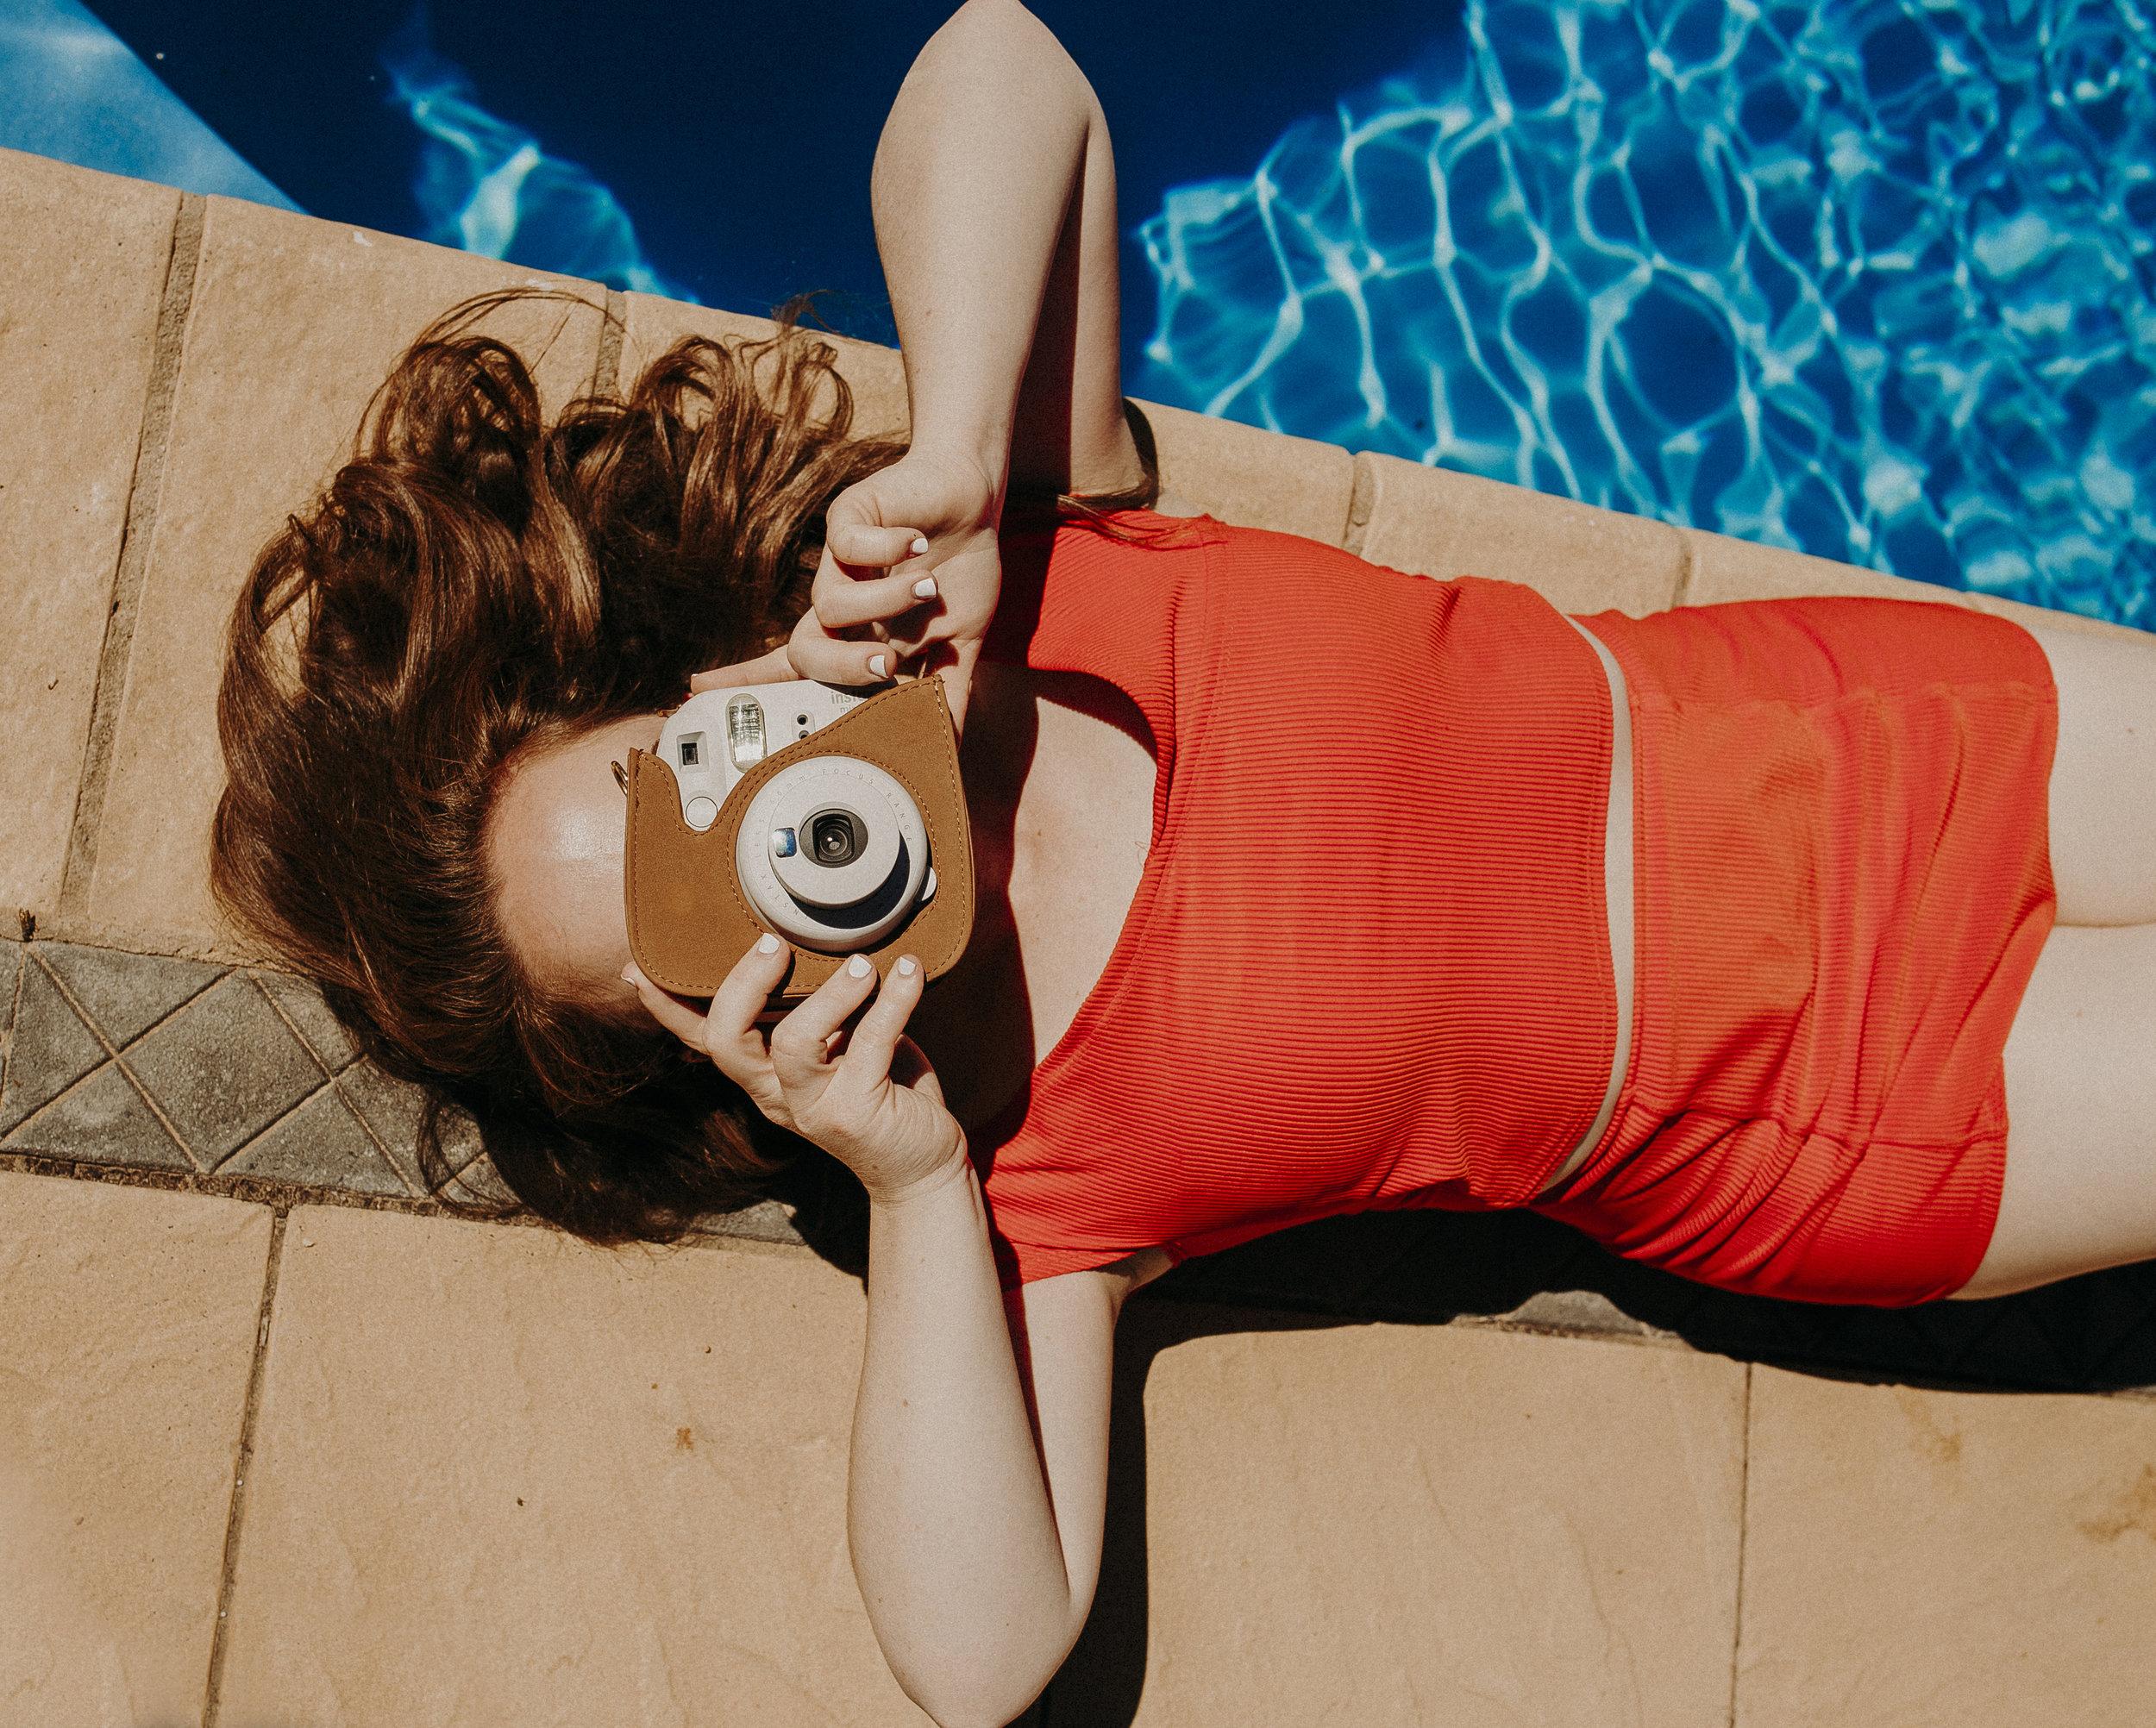 kortni-jean-swimsuit-reviews-10.jpg